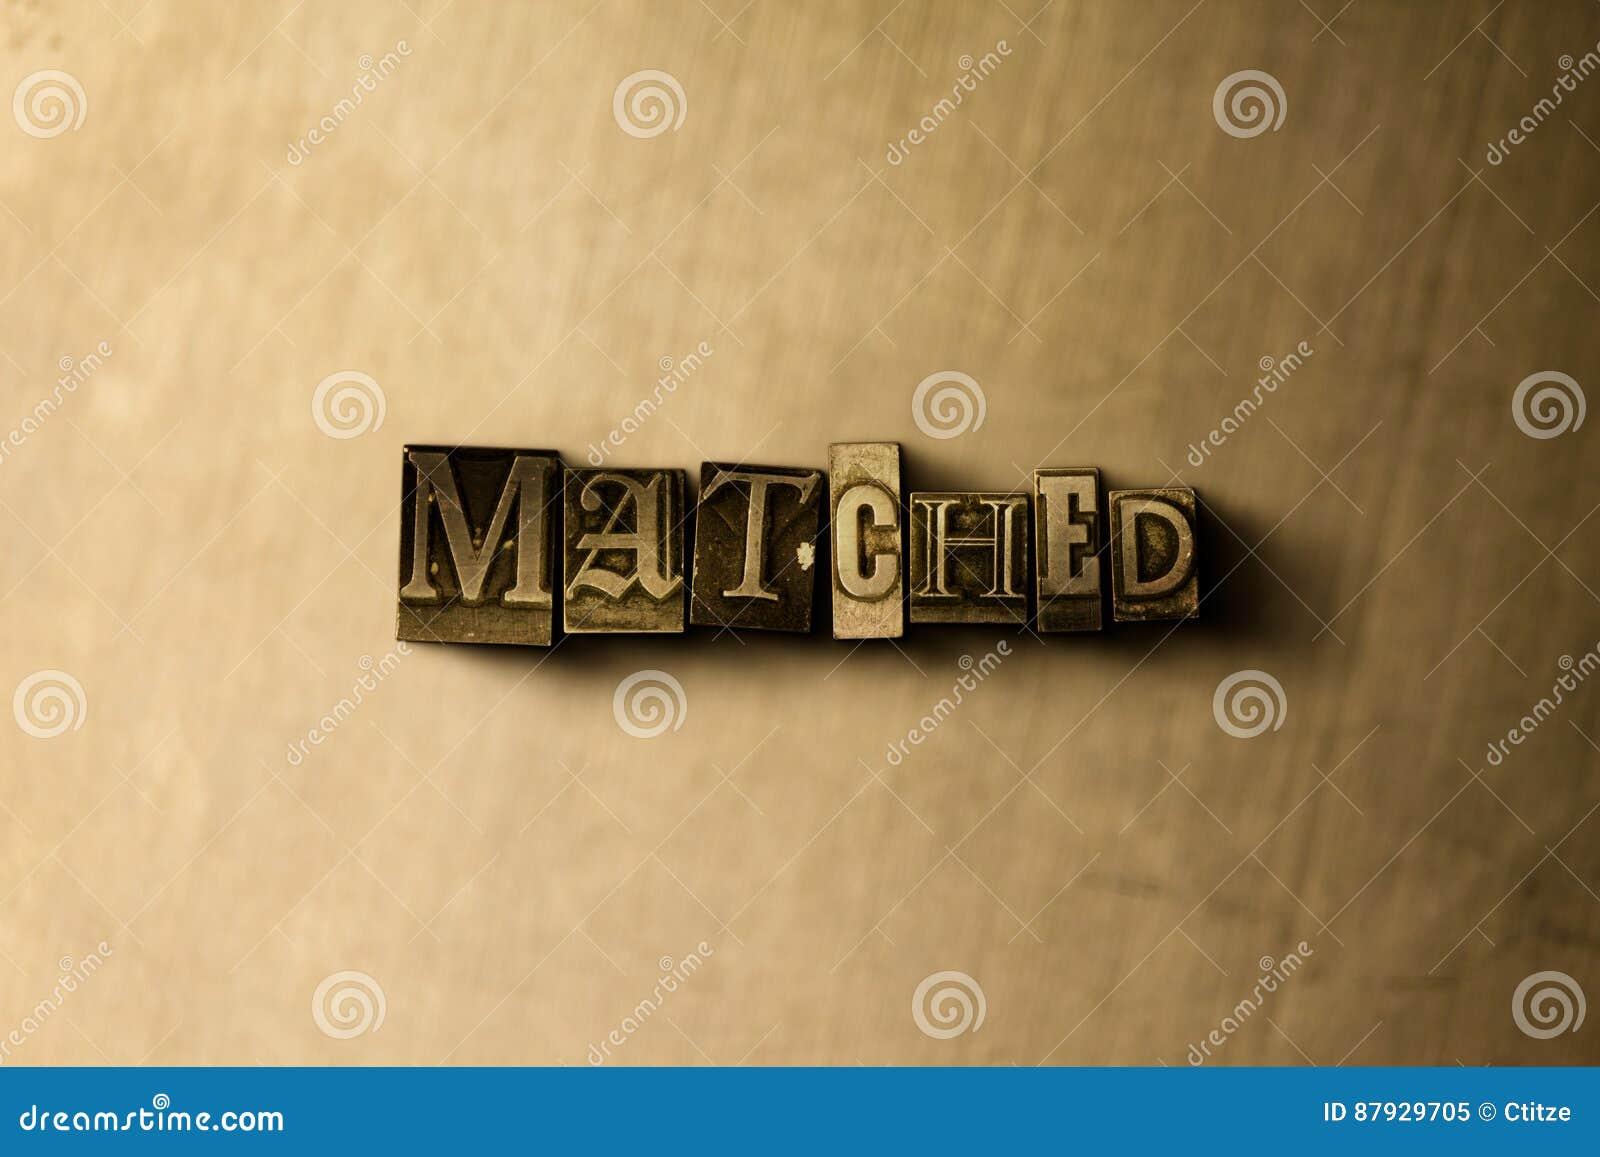 AANGEPAST - close-up van grungy wijnoogst gezet woord op metaalachtergrond